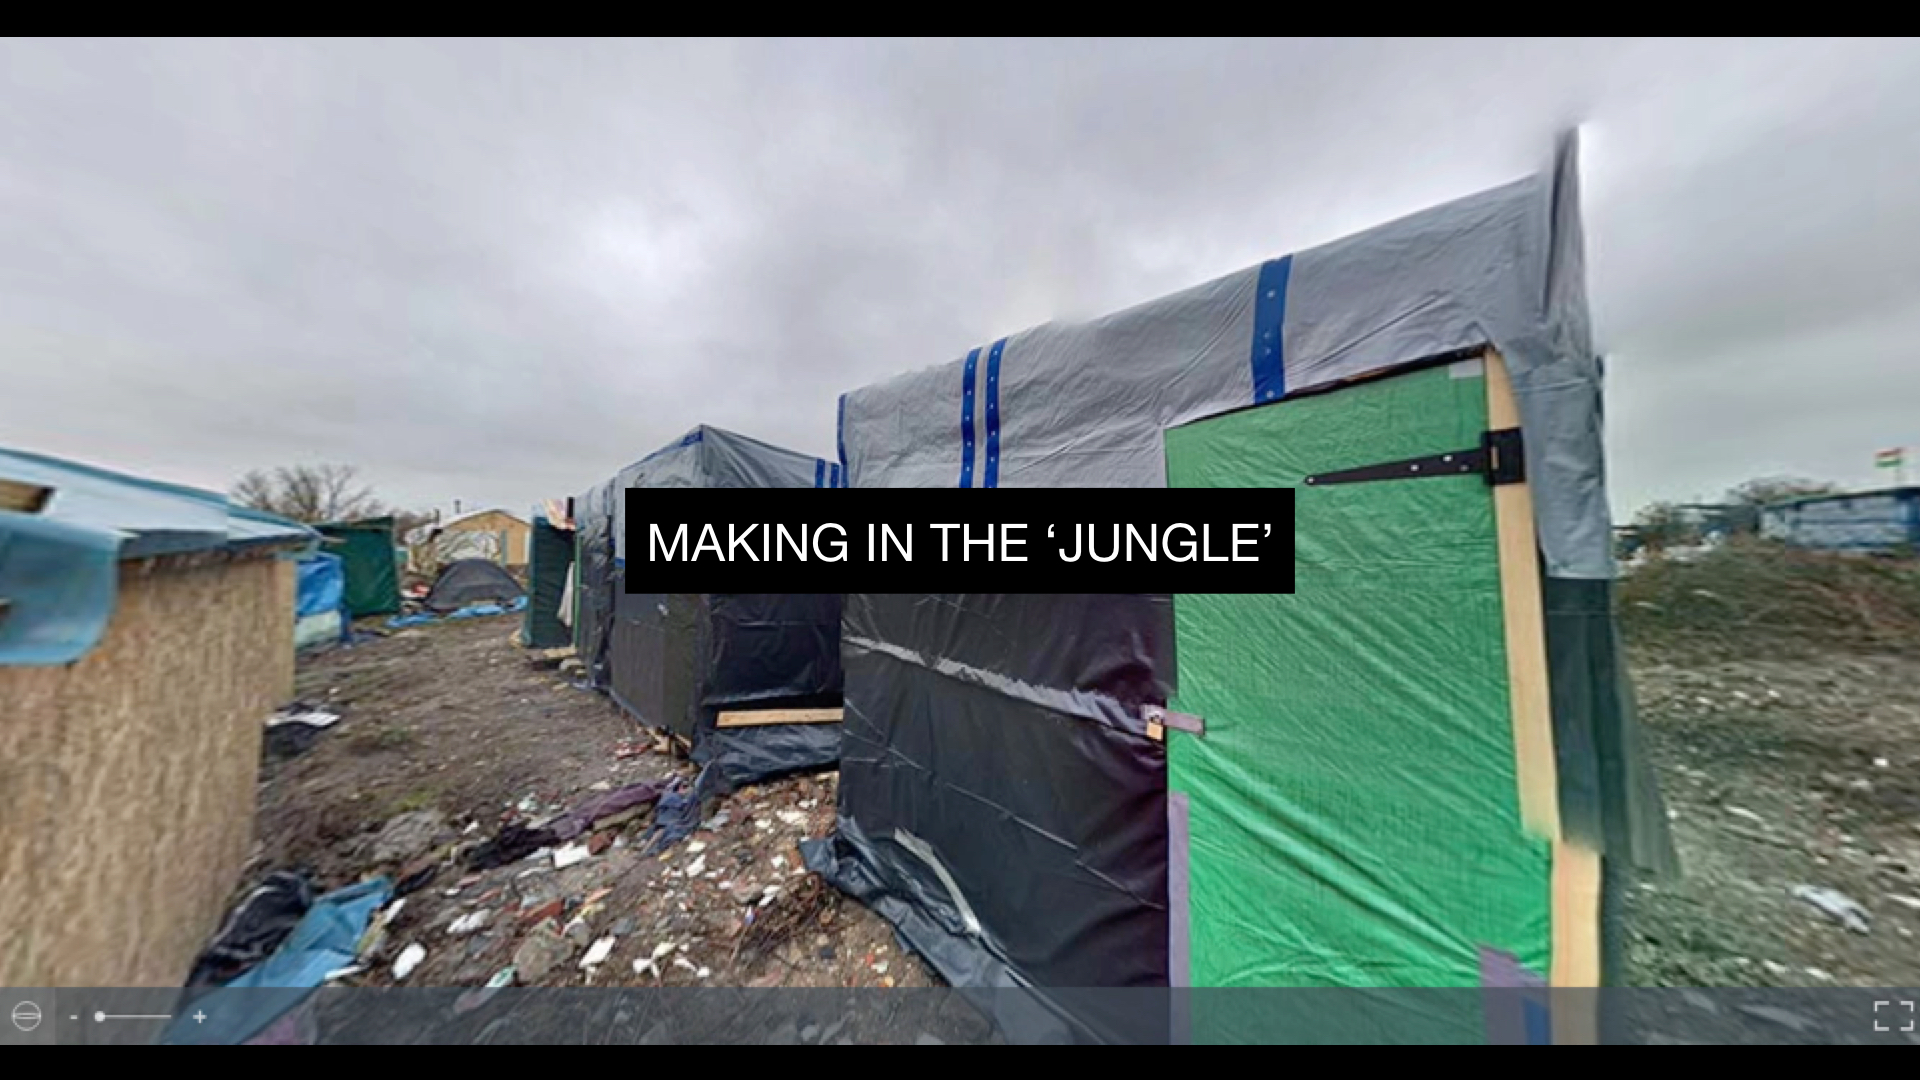 gdf_jungle_pres-001